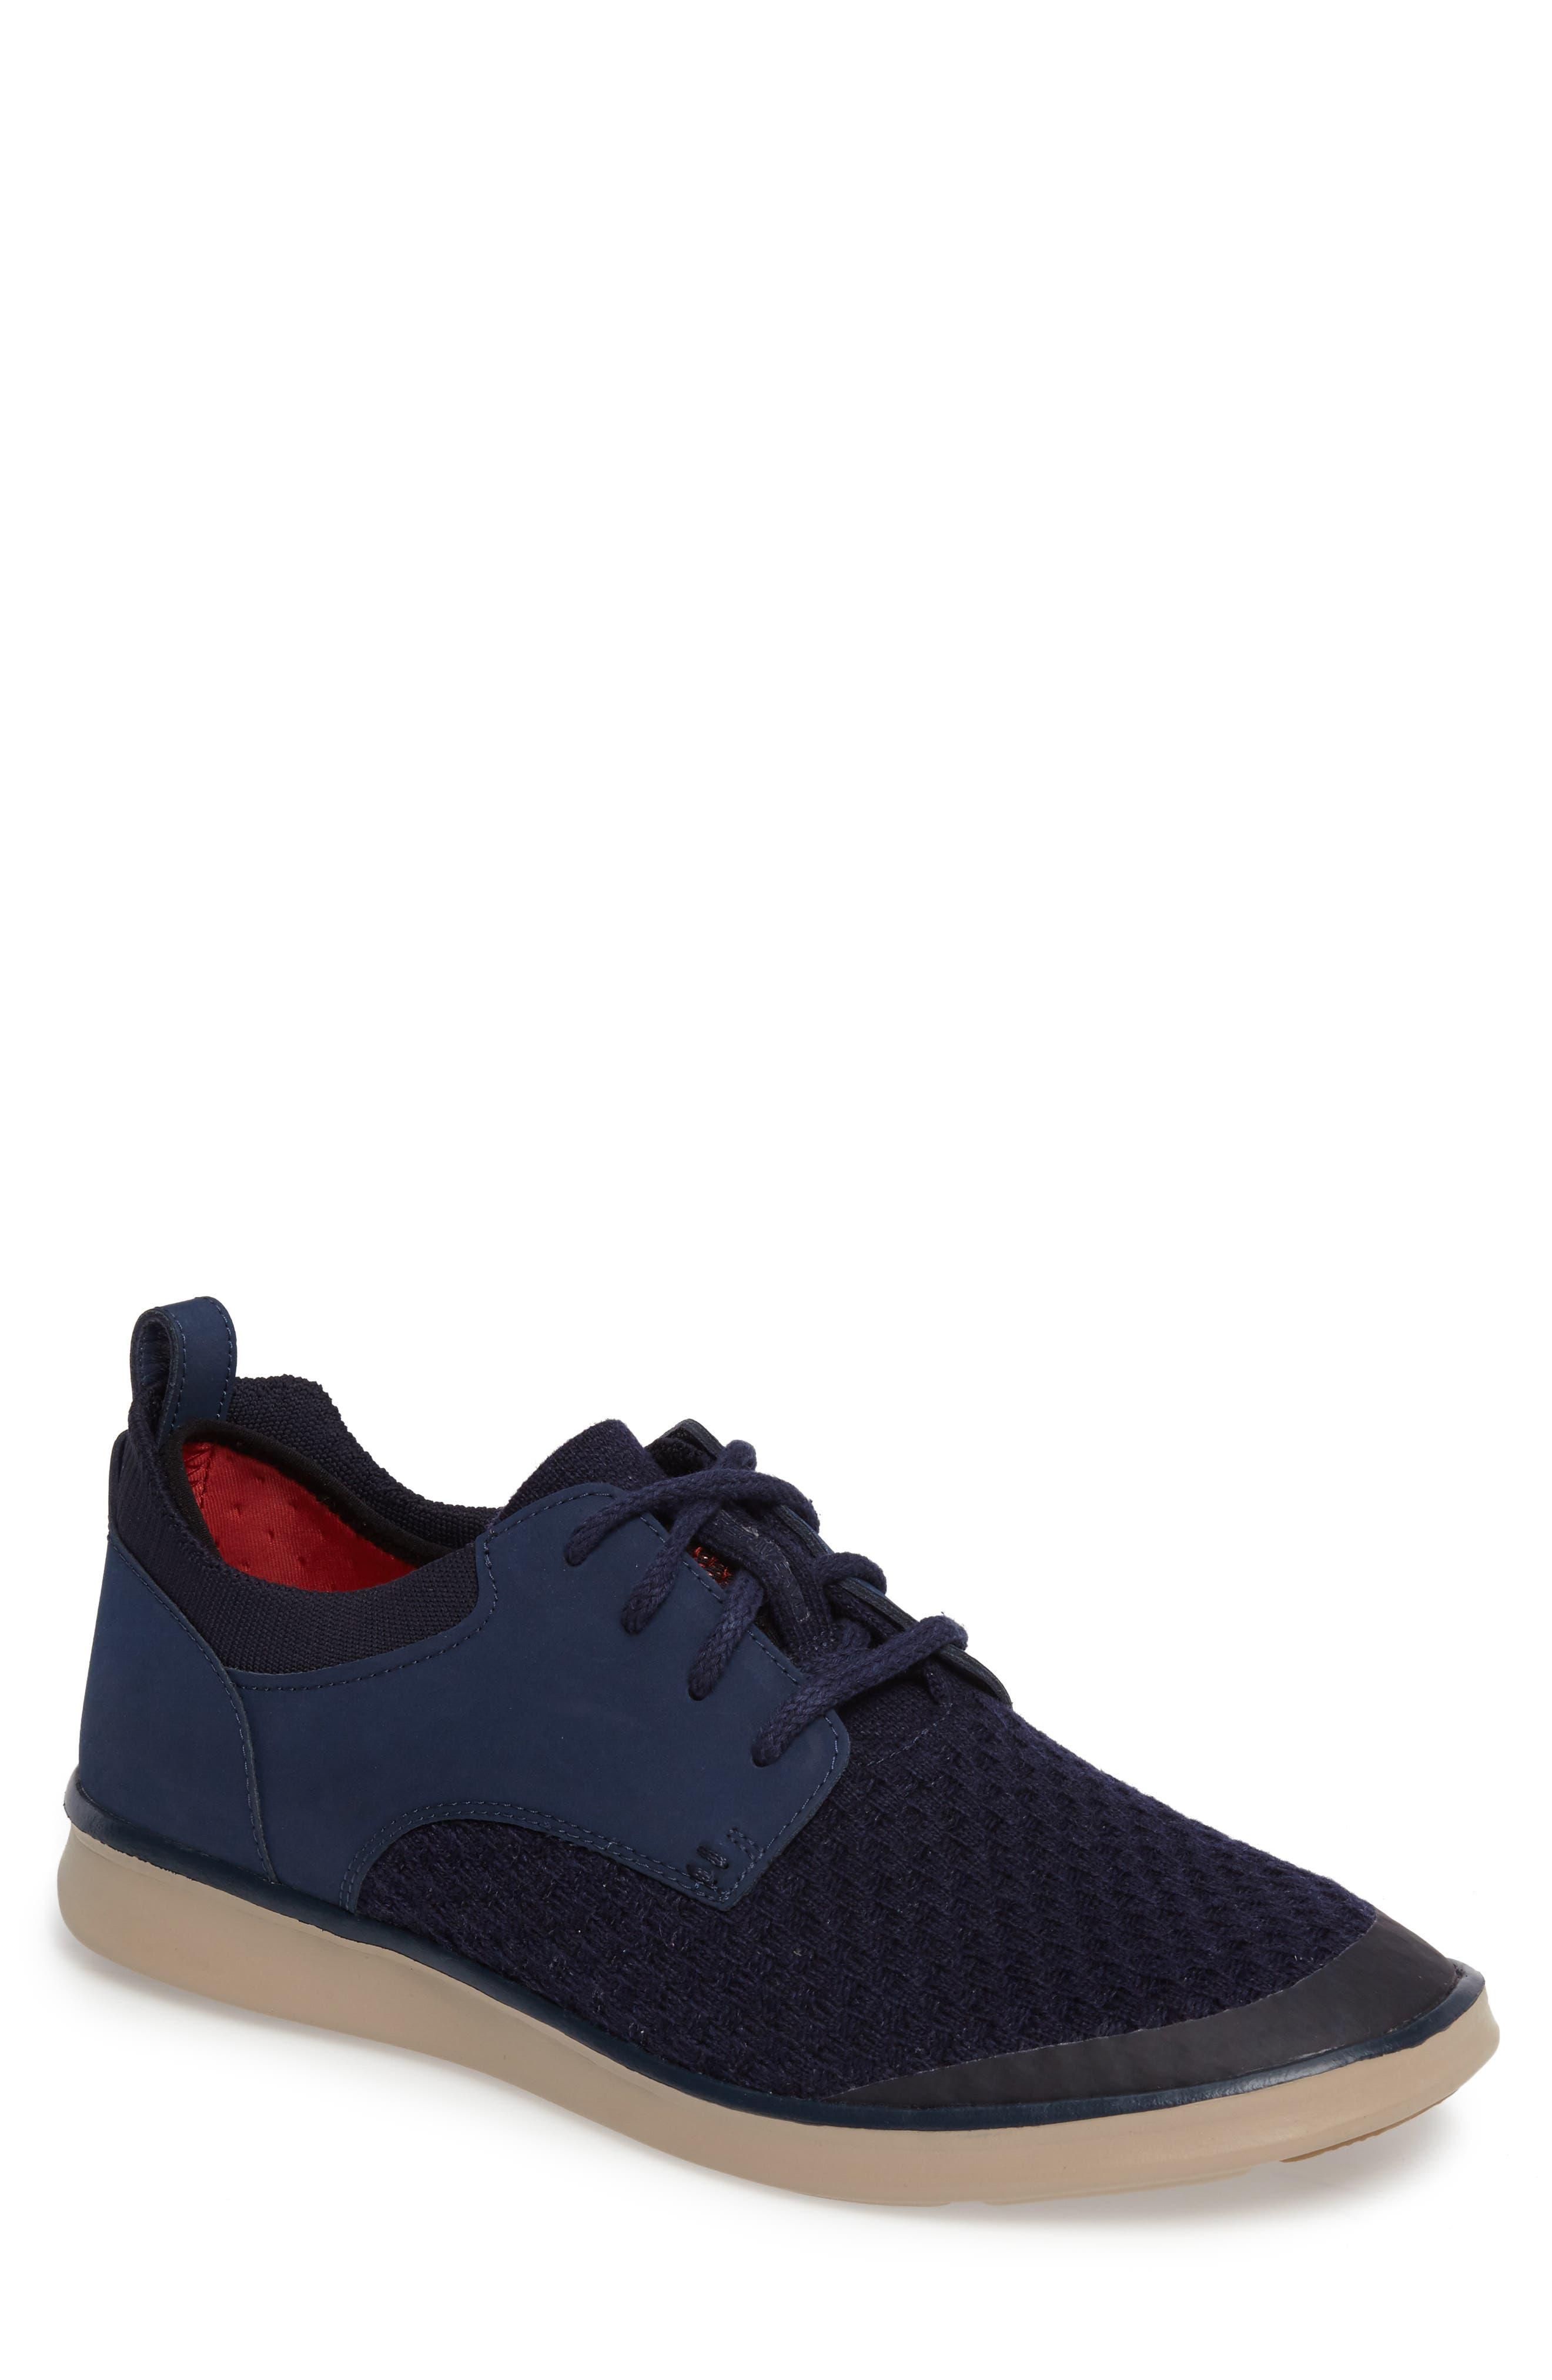 Hepner HyperWeave Sneaker,                             Main thumbnail 3, color,